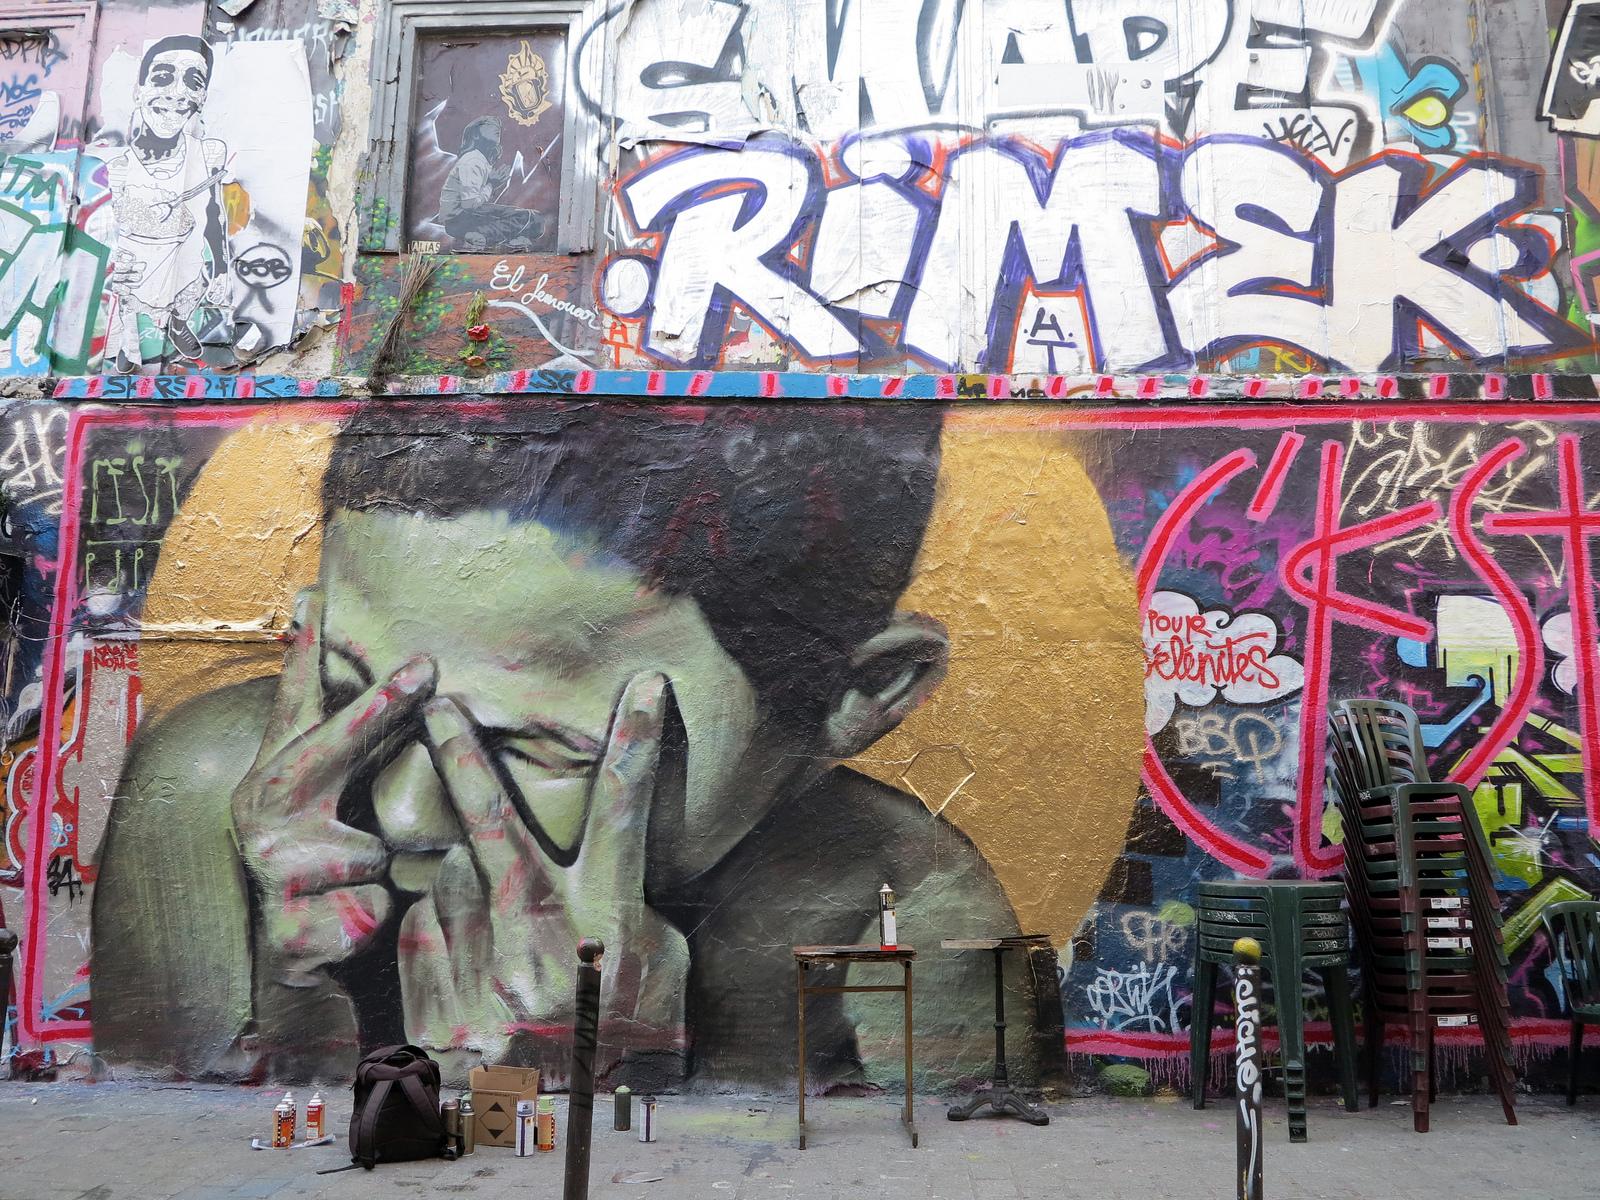 mesa-new-mural-in-paris-france-01